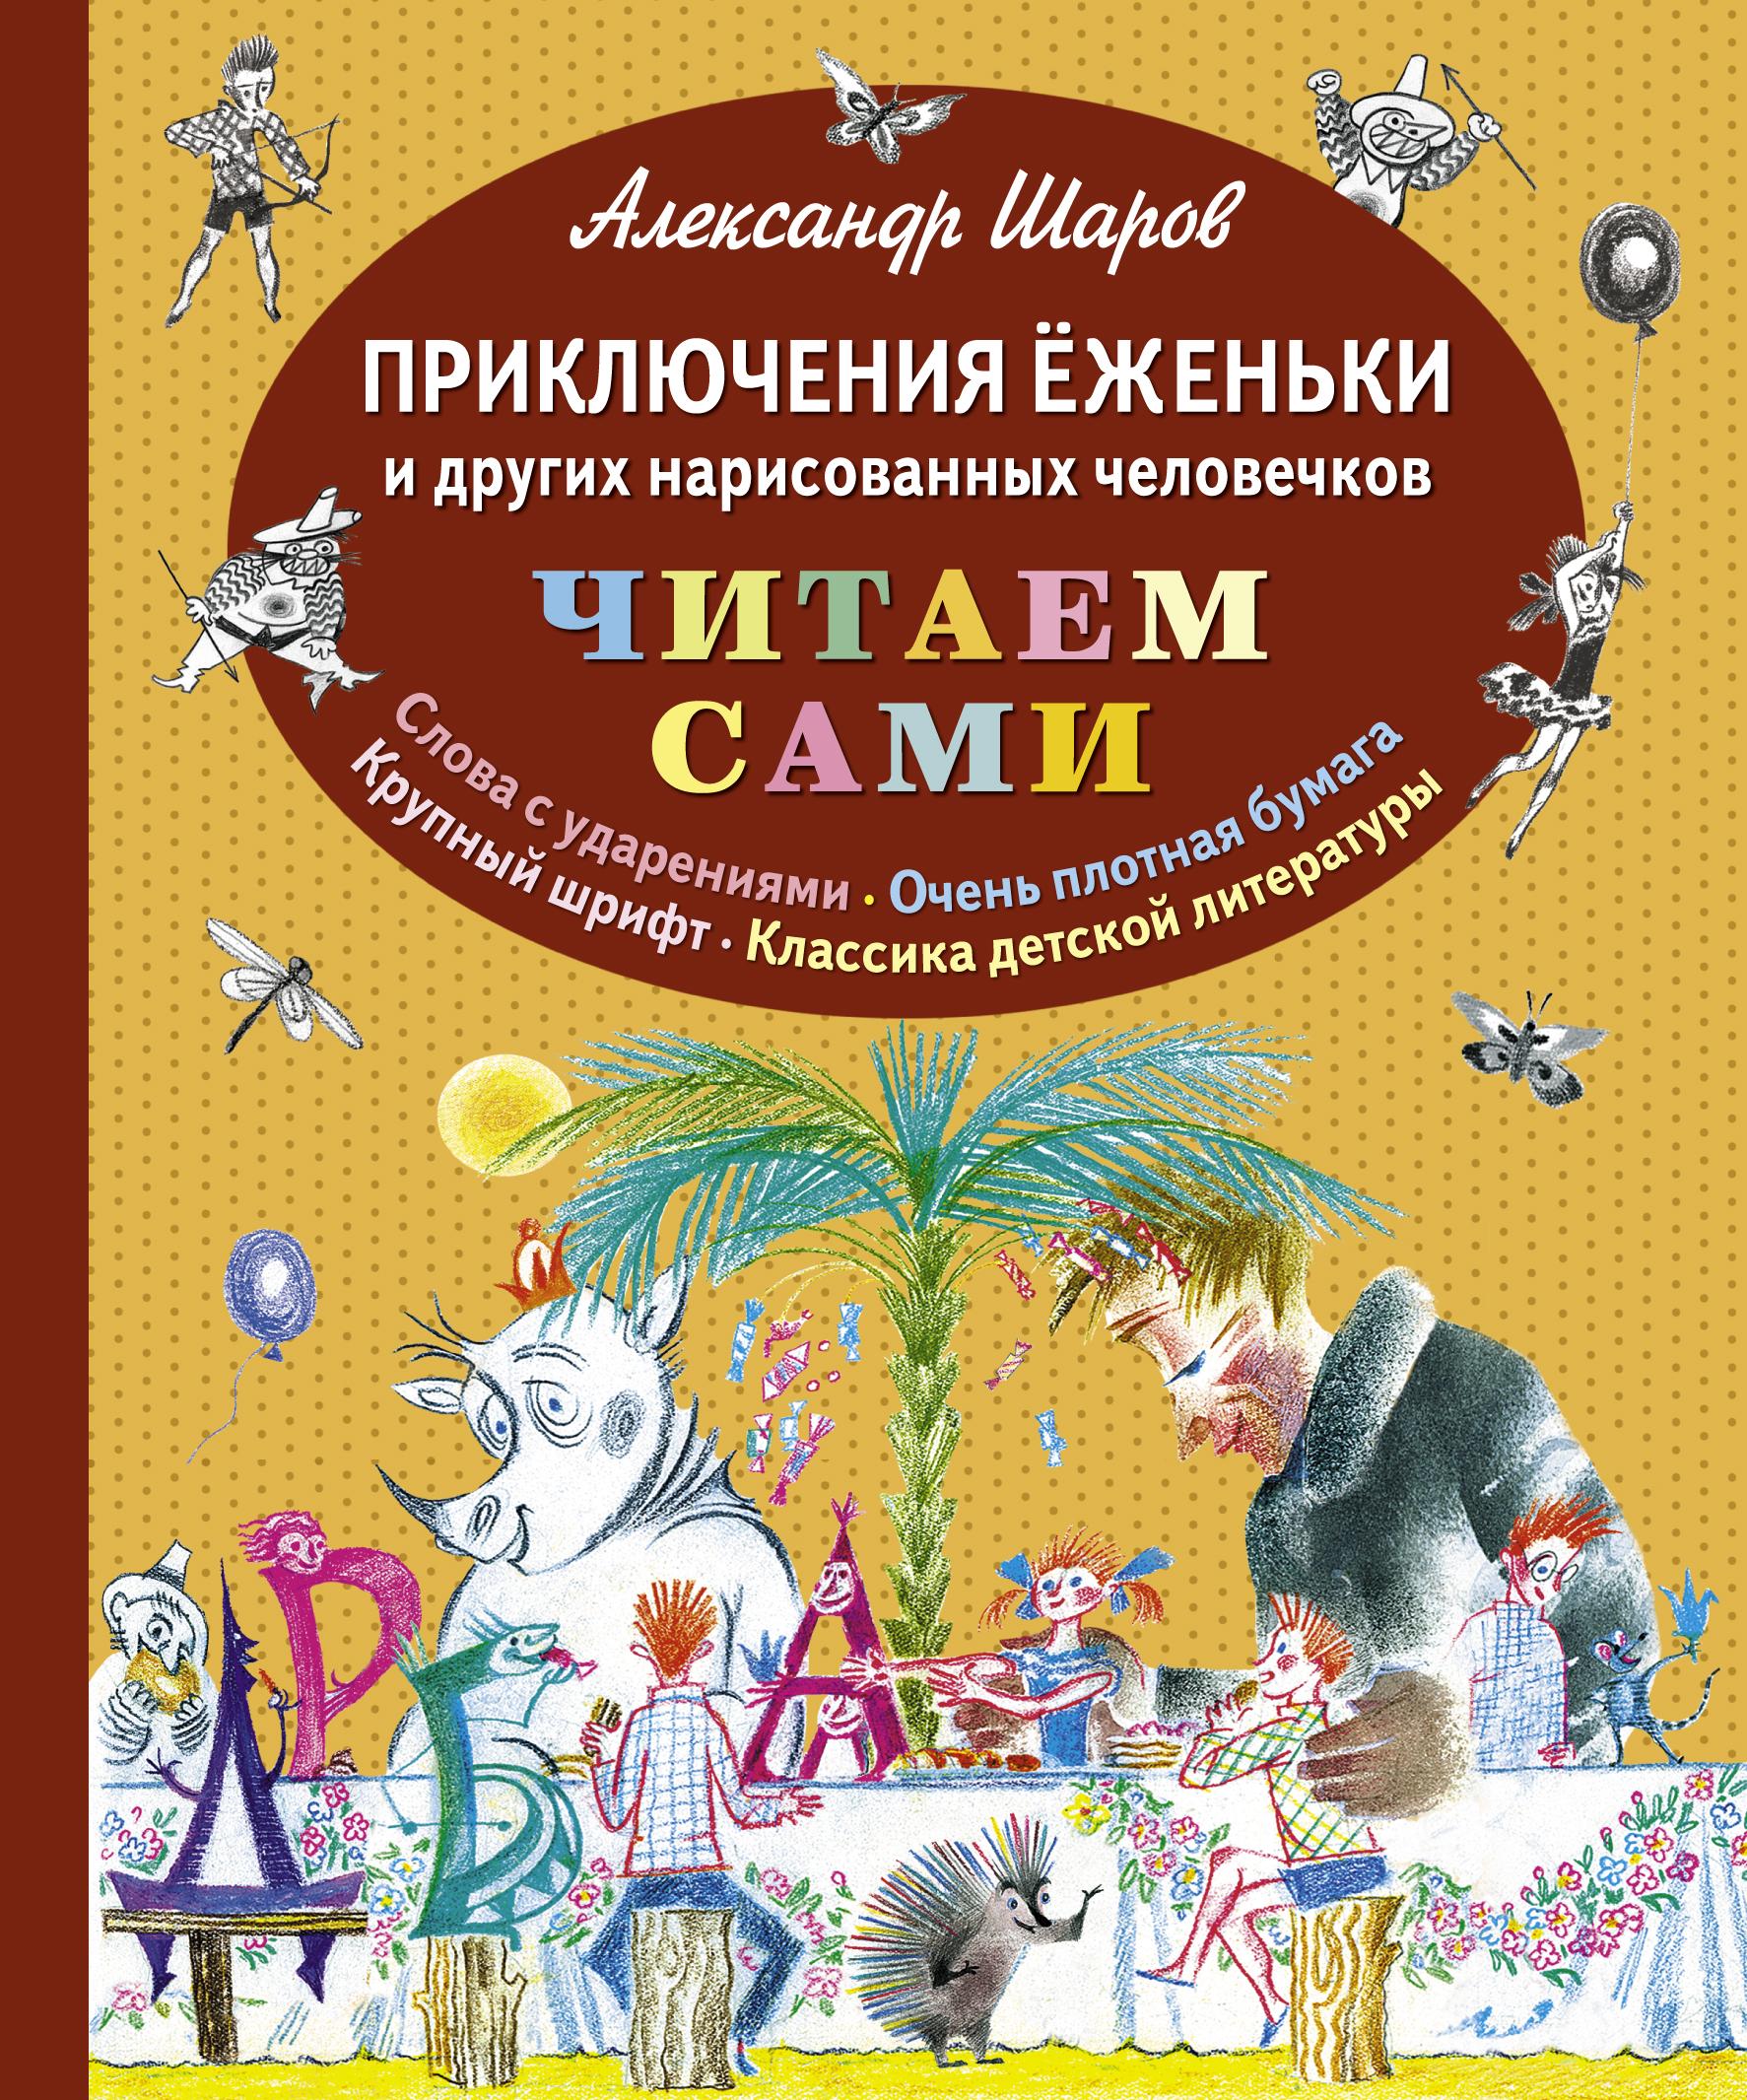 Приключения Ёженьки и других нарисованных человечков (ил. Н.Гольц)